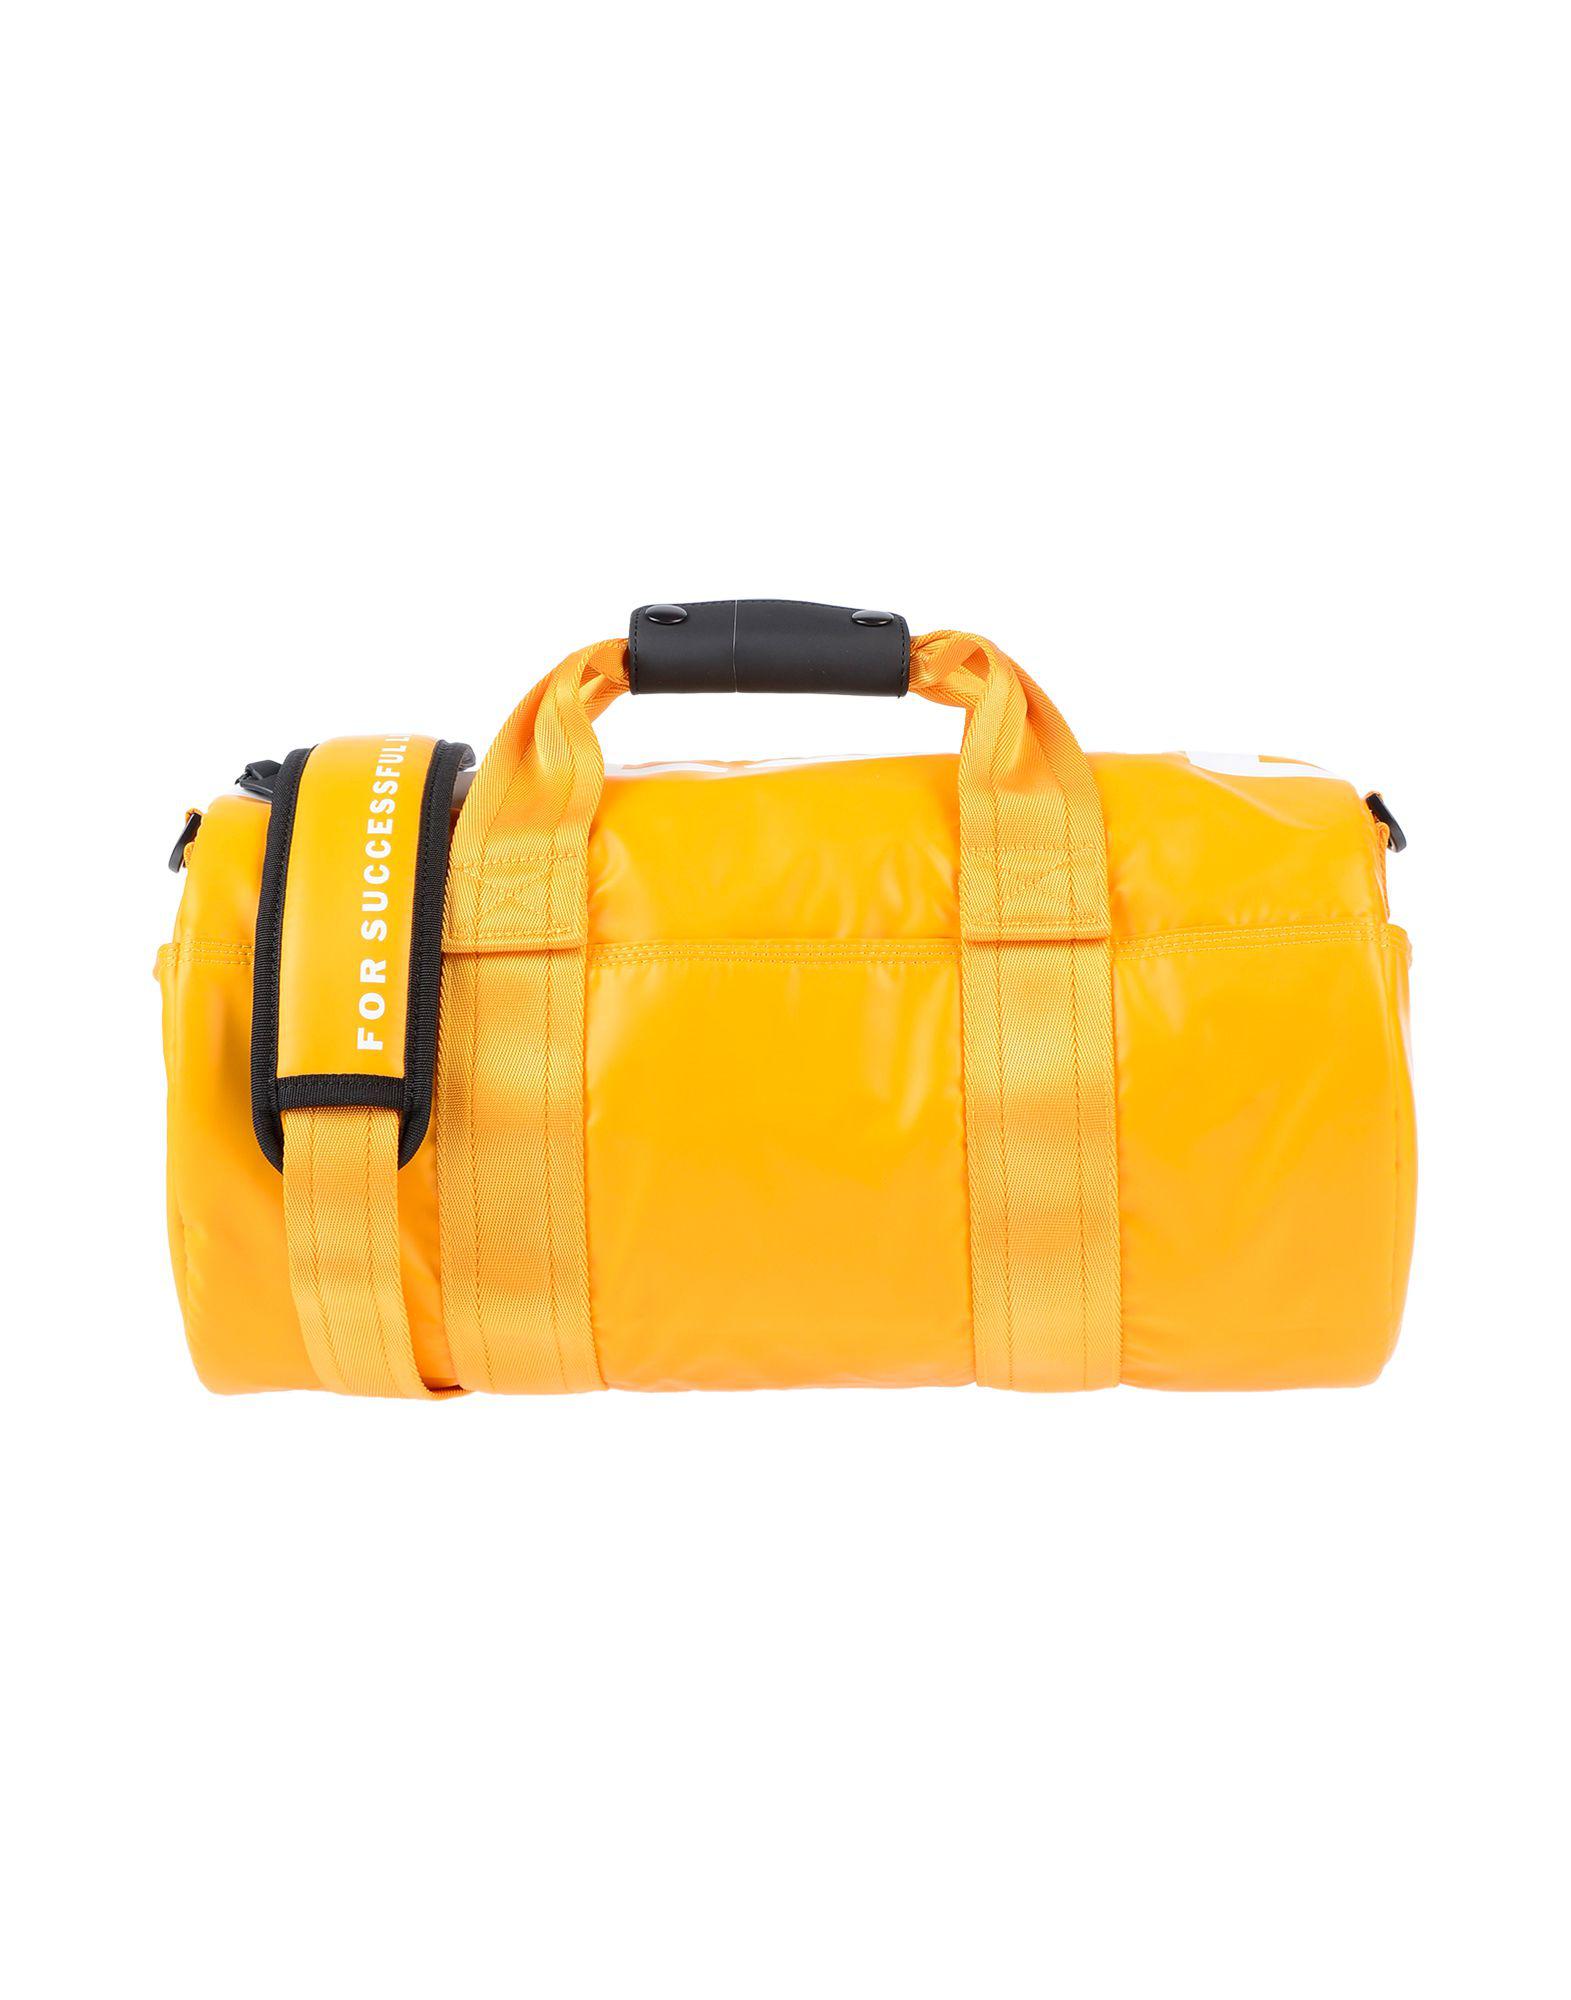 Diesel Handbag In Ocher